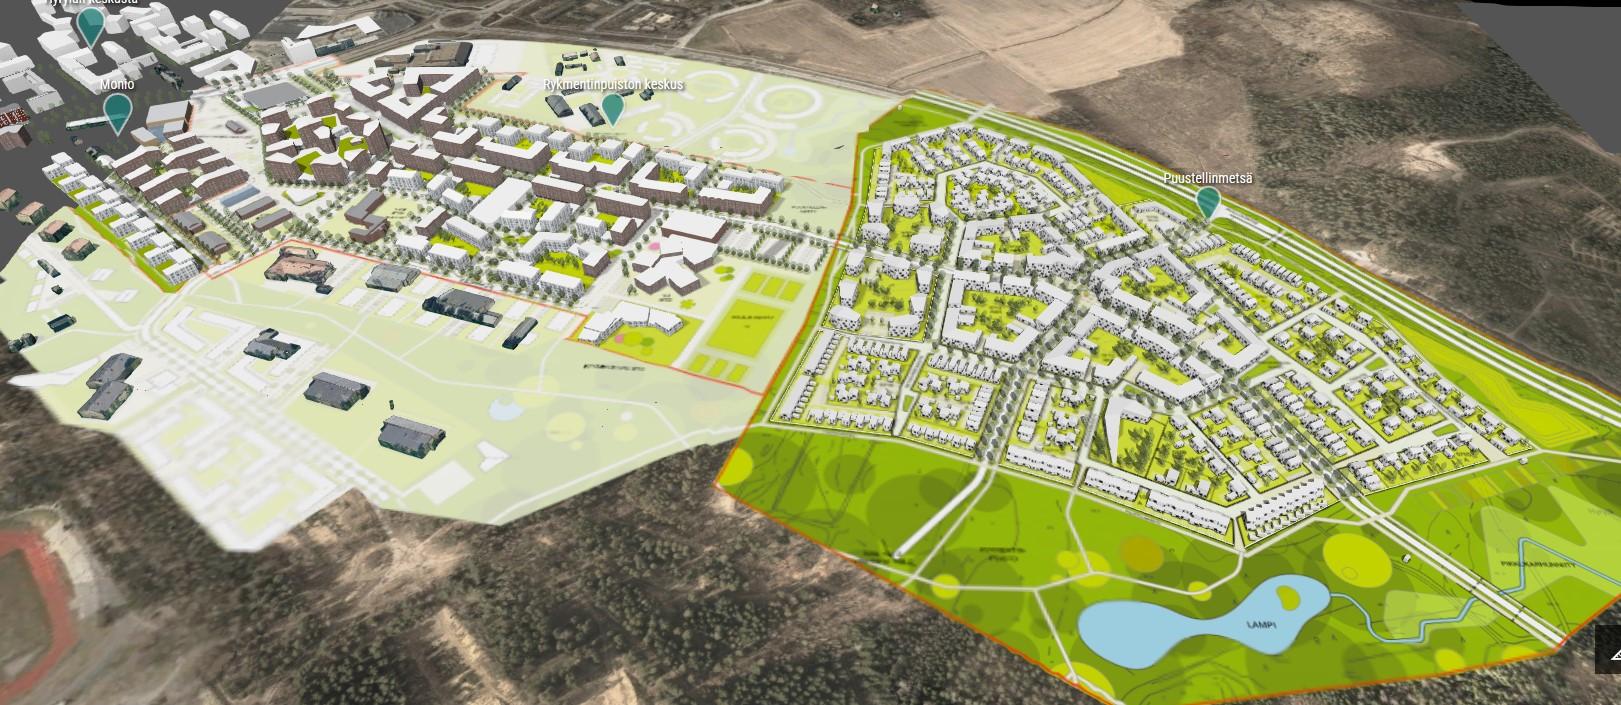 Avara jatkaa rakentamista kasvukeskuksiin - suunnitteluvaraus Tuusulan Rykmentinpuistoon